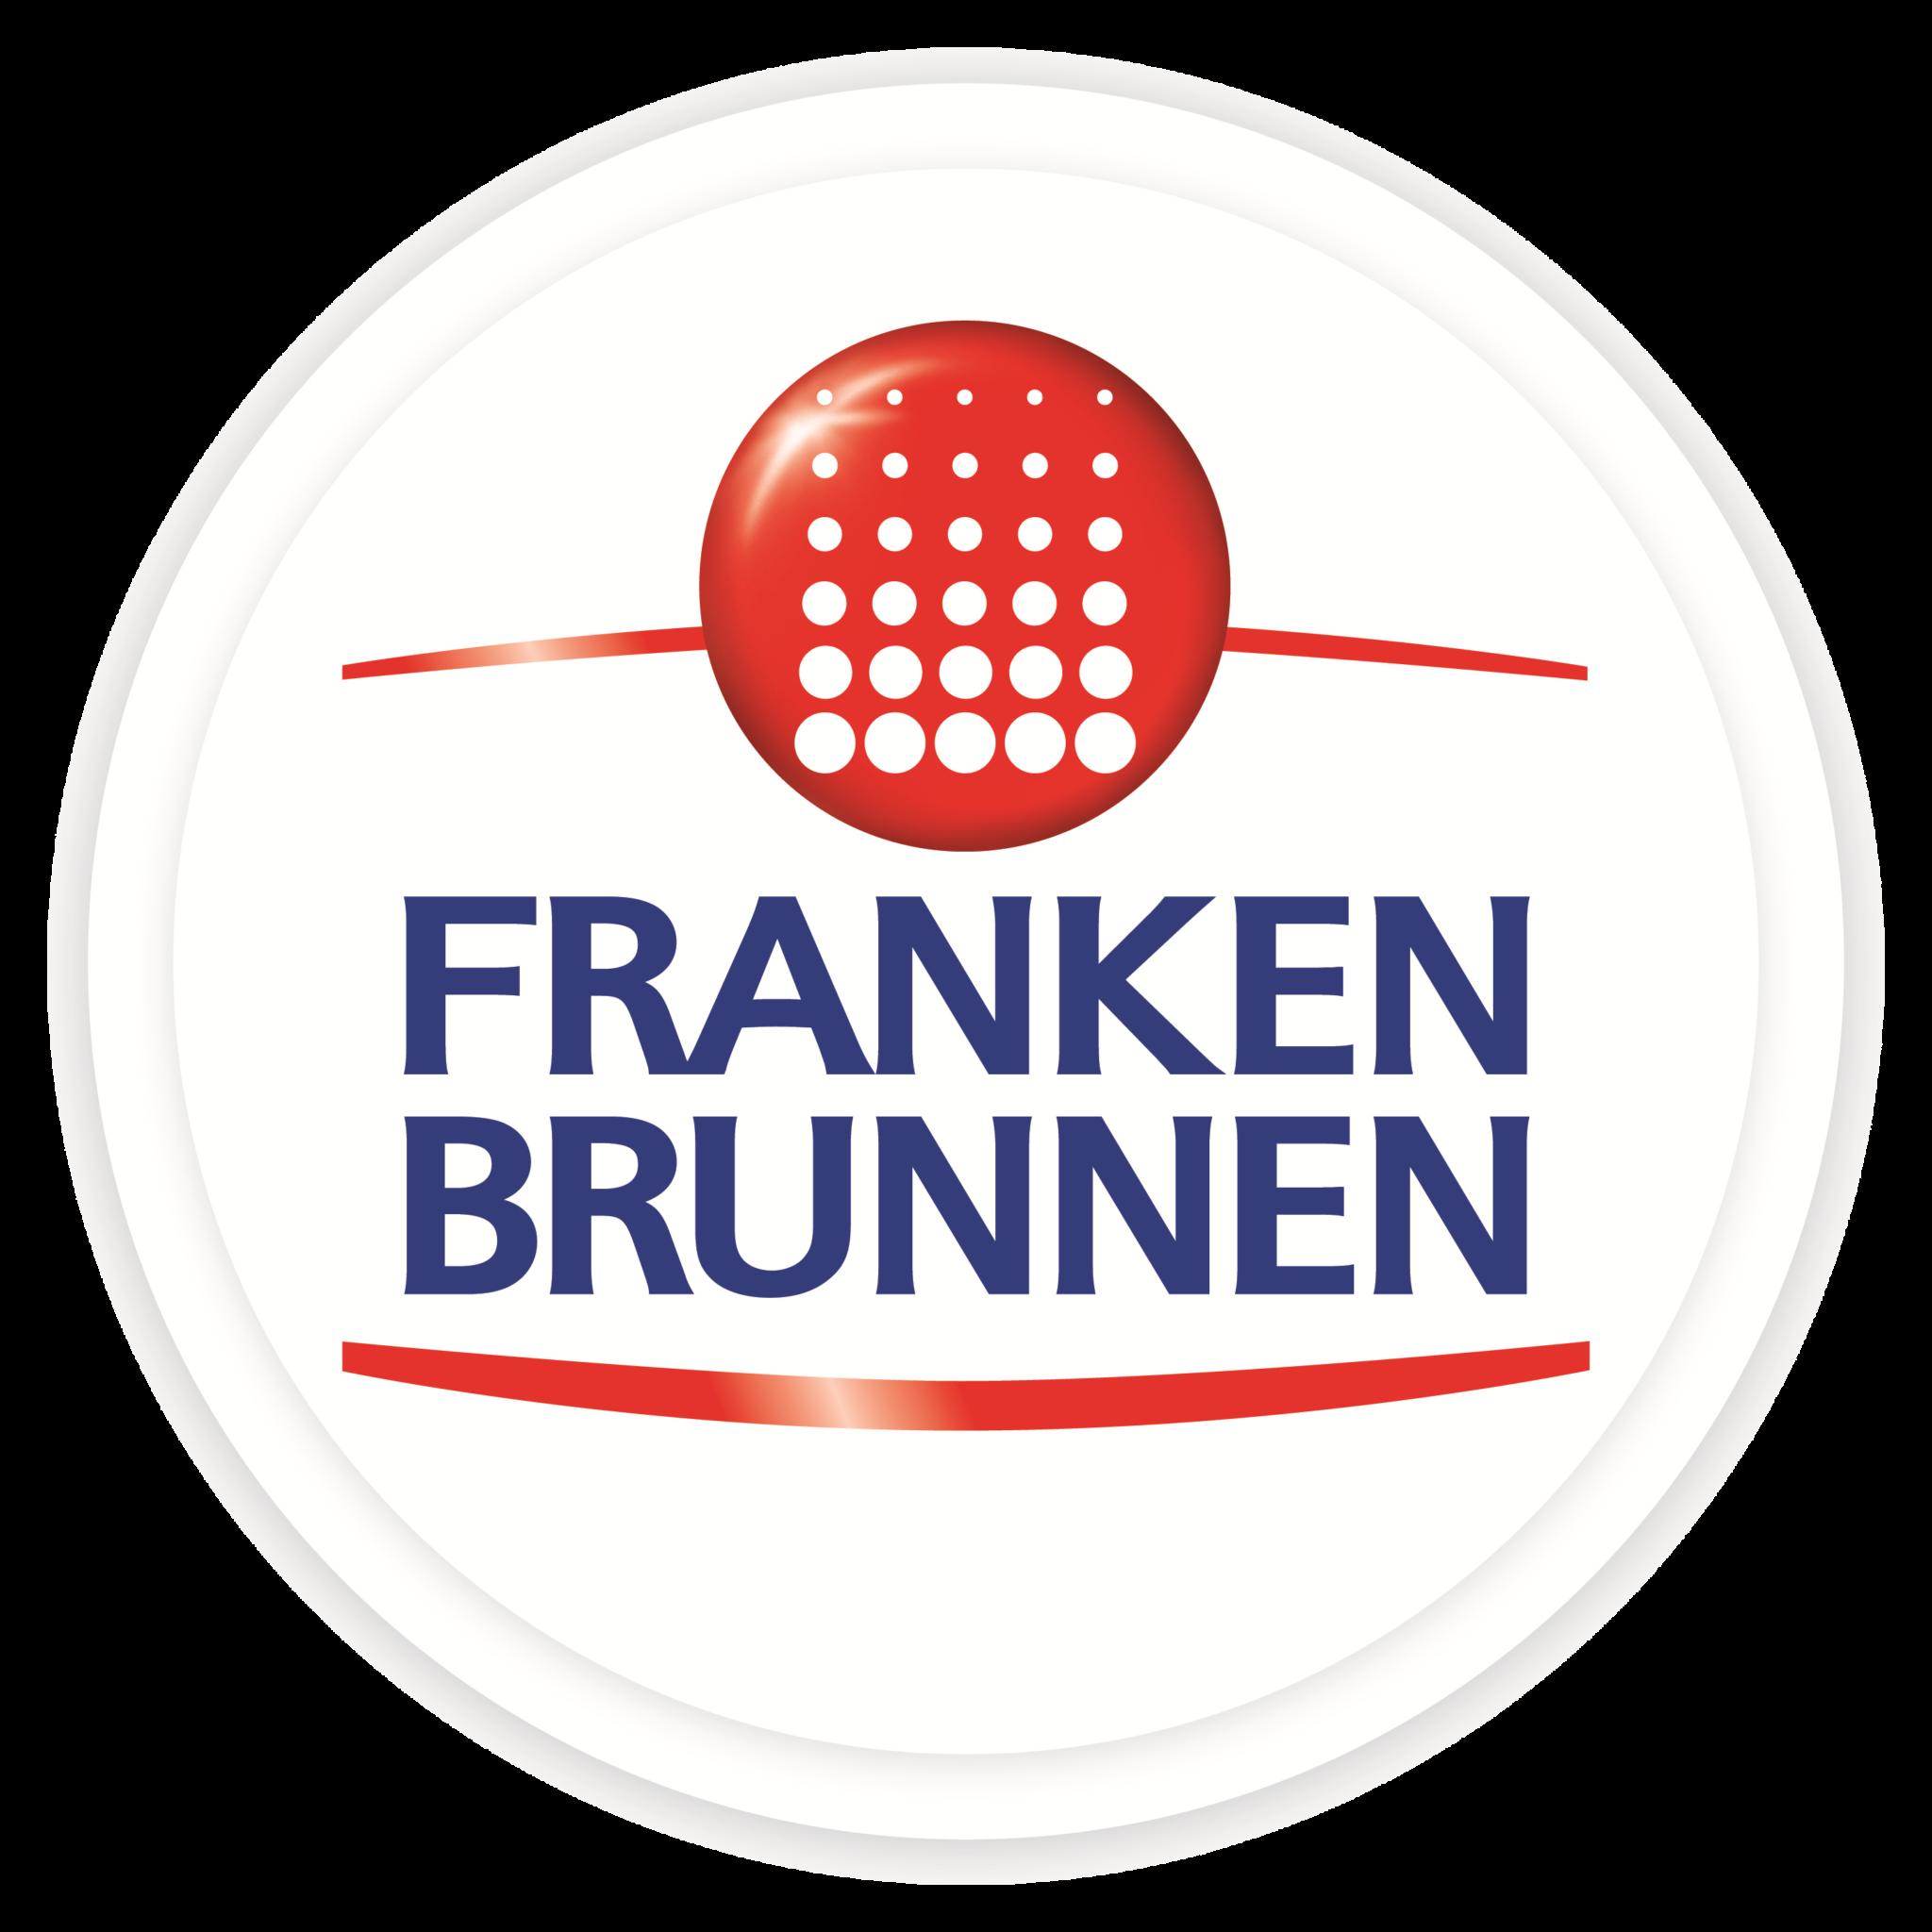 Logo Frankenbrunnen